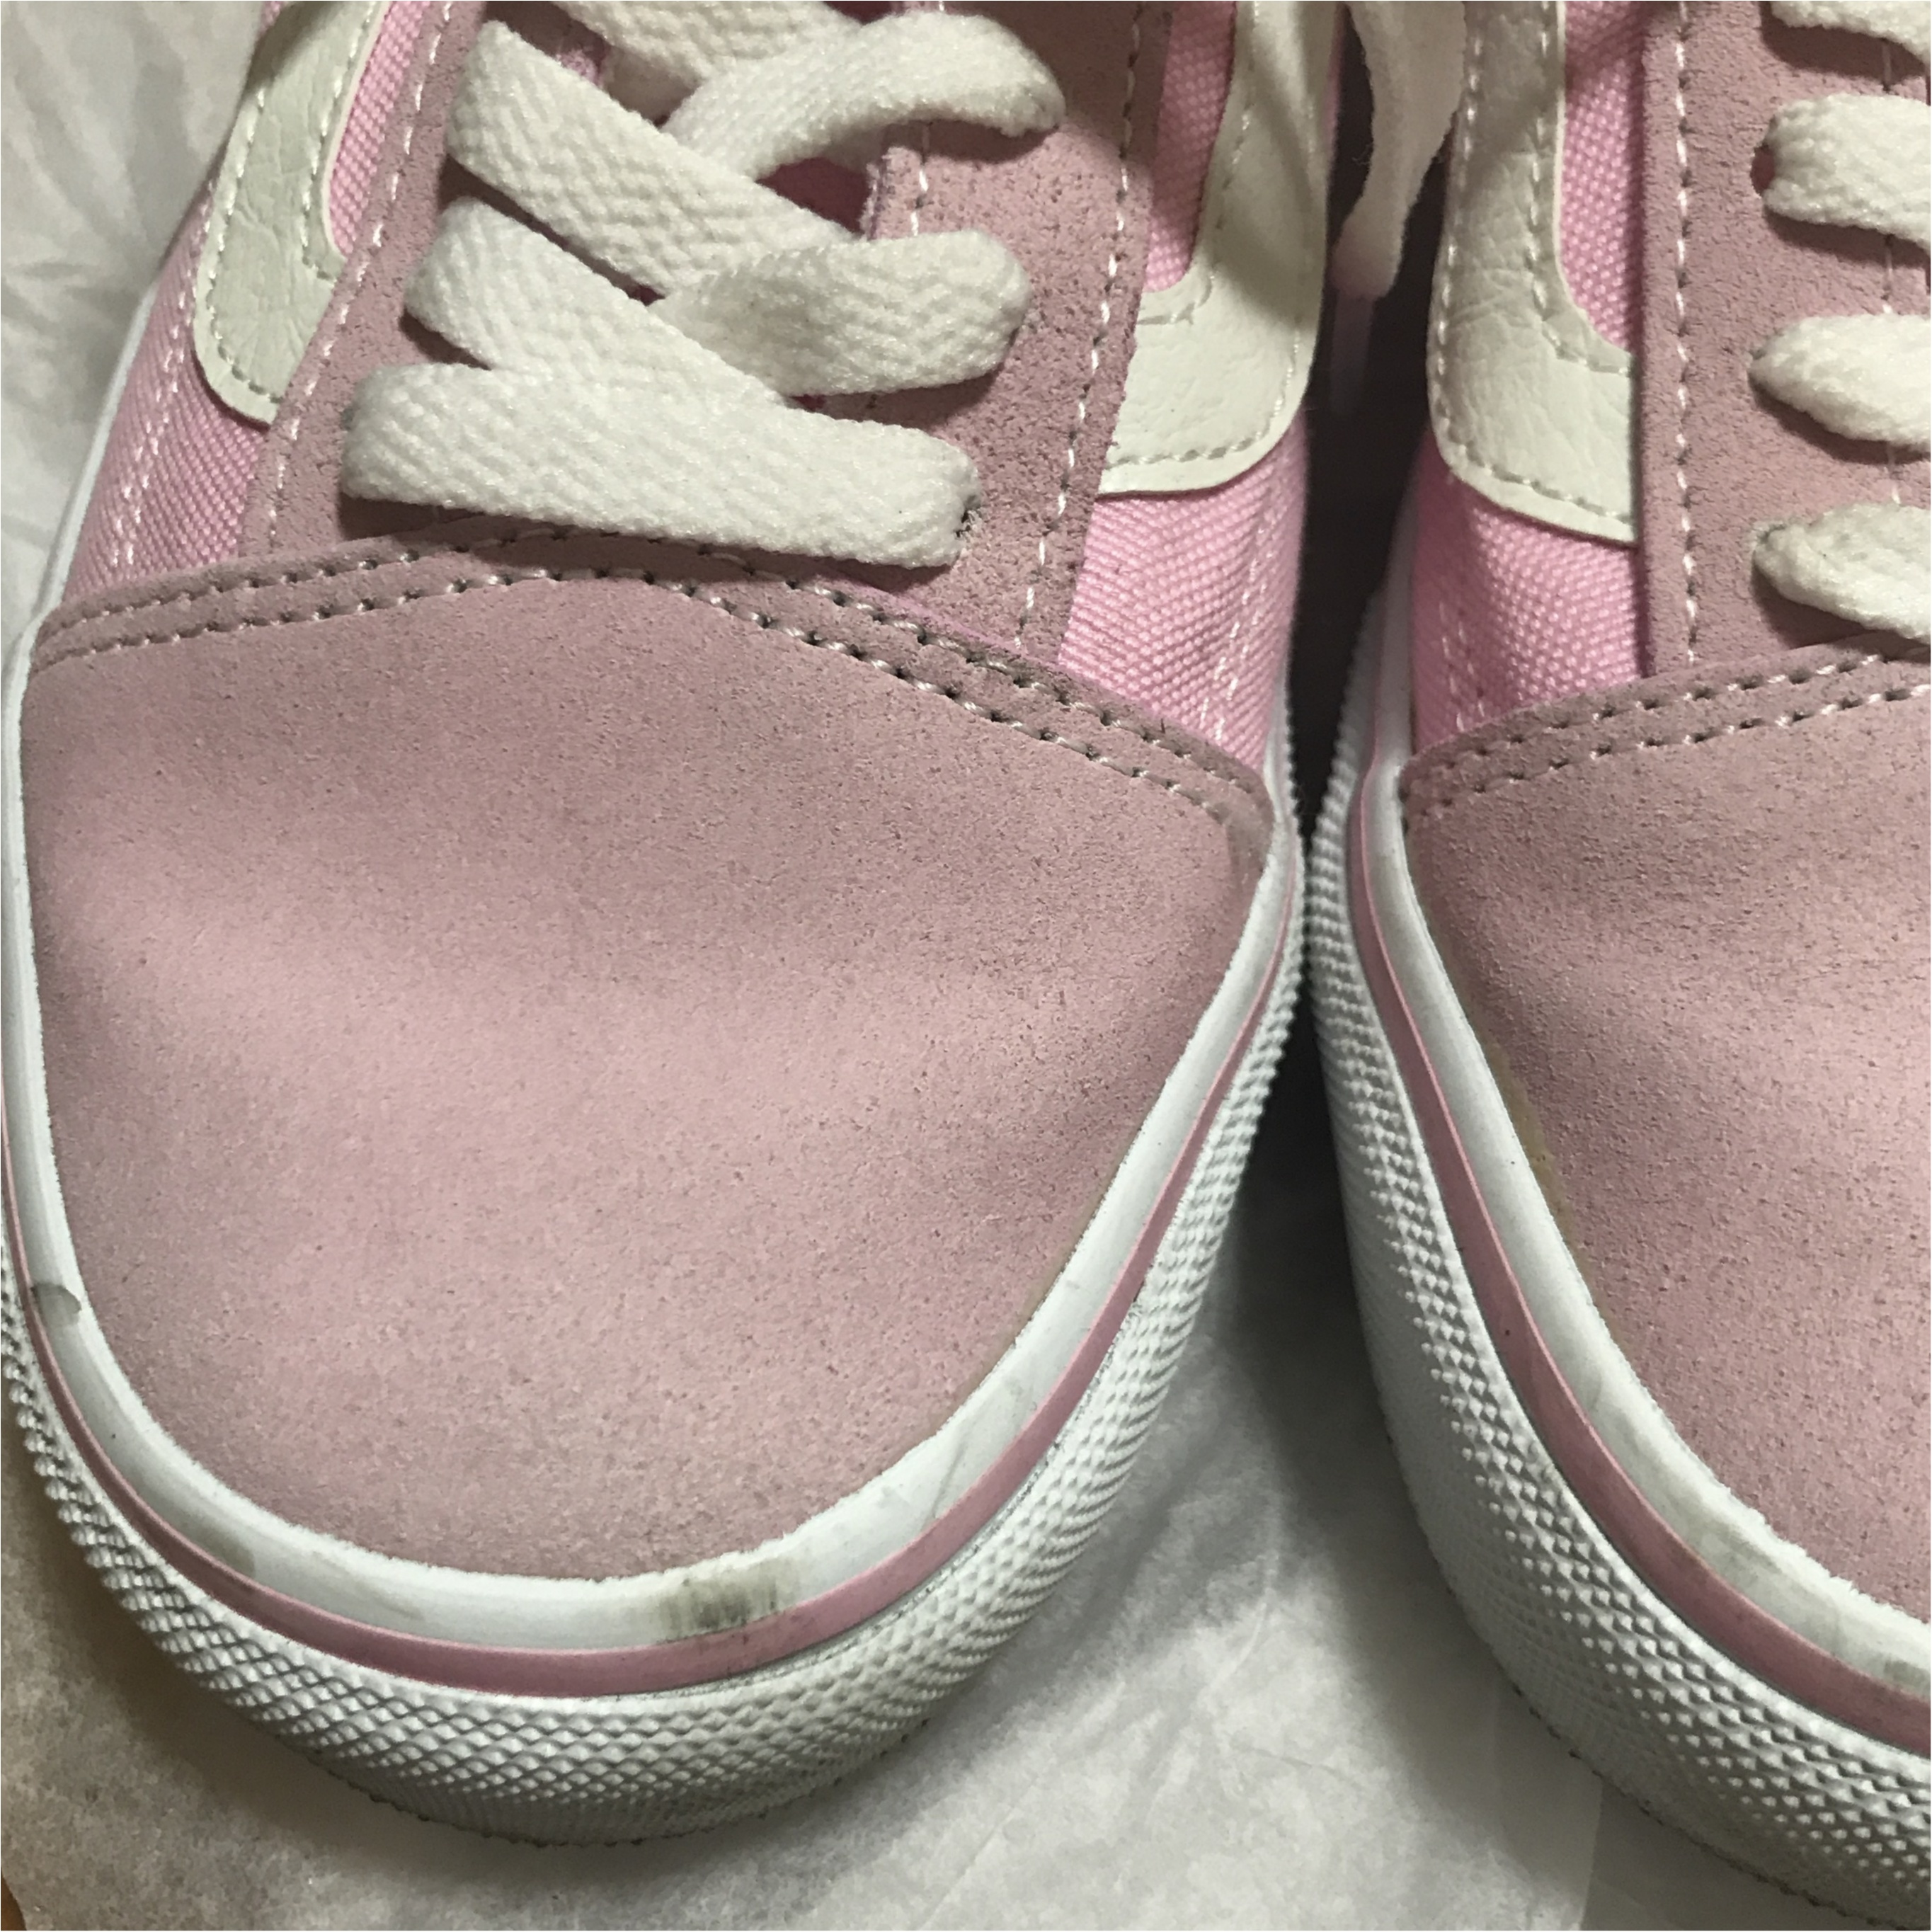 お気に入りの靴をキレイに♡【無印良品】のお手入れグッズがオススメ!!_2